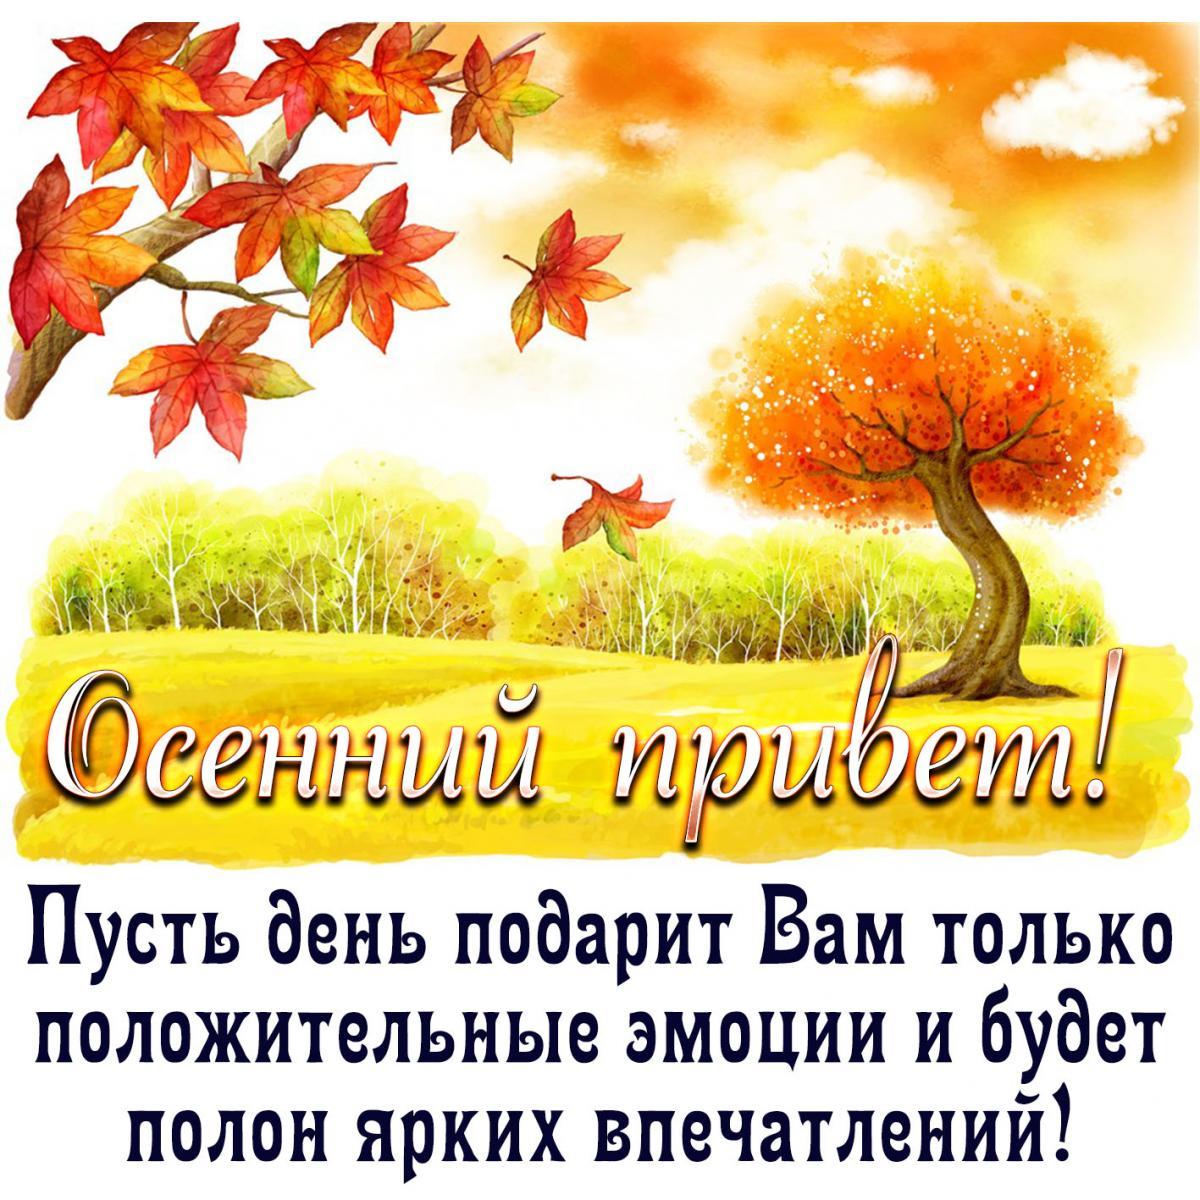 Осіннє рівнодення - вірші / supersolnishco.net